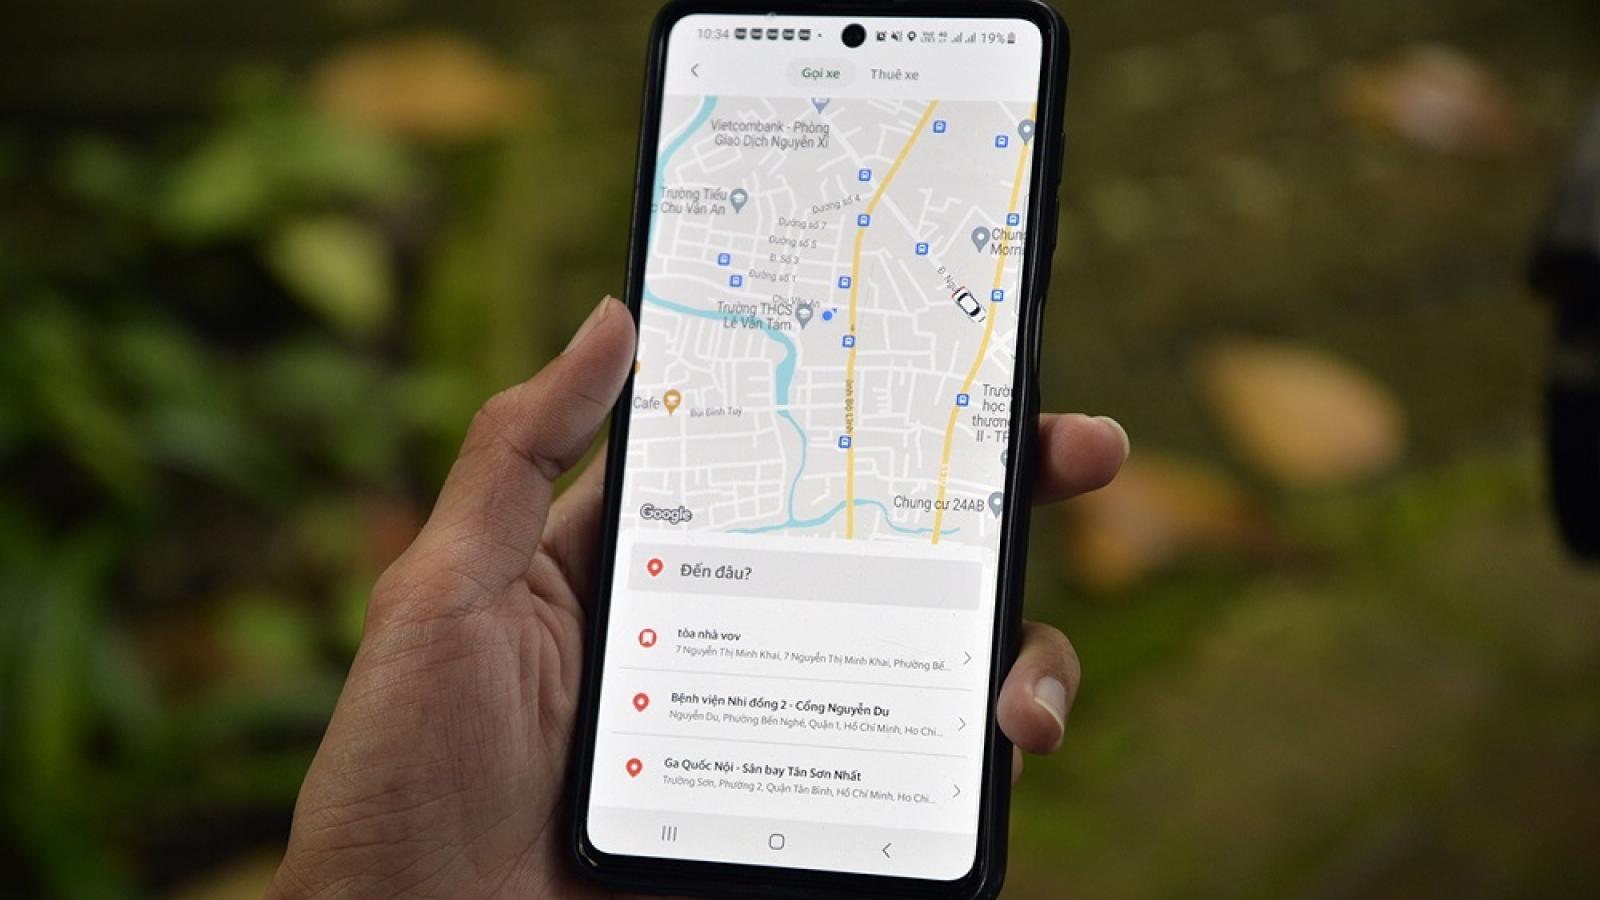 Khách dễ dàng đặt qua app, tài xế xe công nghệ vui mừng vì có thêm thu nhập